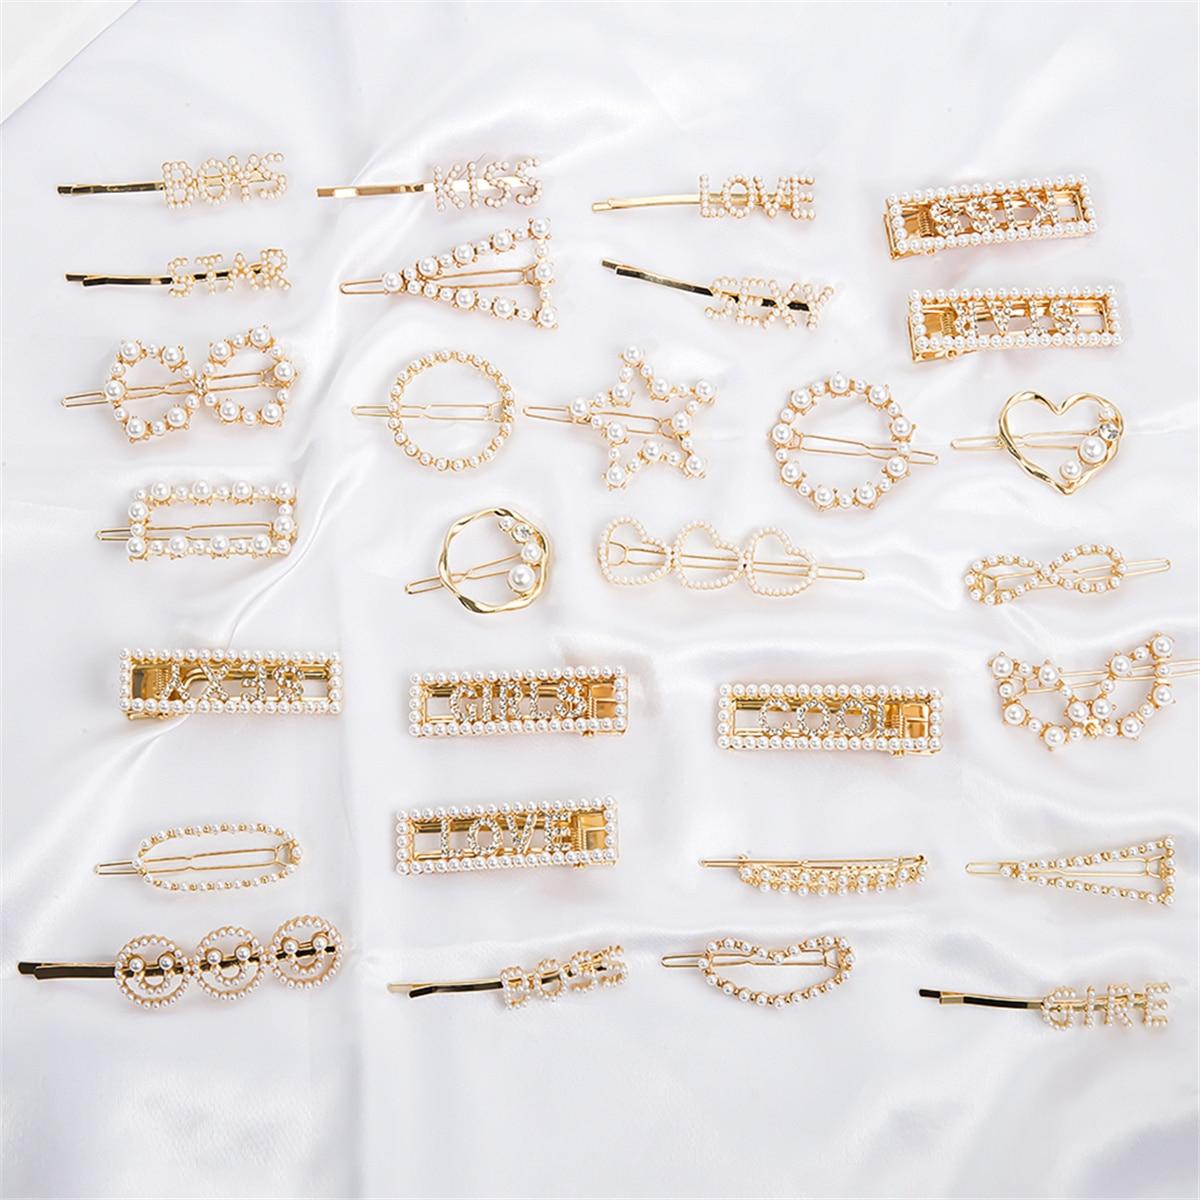 Horquillas coreanas de perlas simuladas de 29 estilos para mujer, boda elegante, horquilla de cristal para el pelo, herramientas de estilismo de belleza